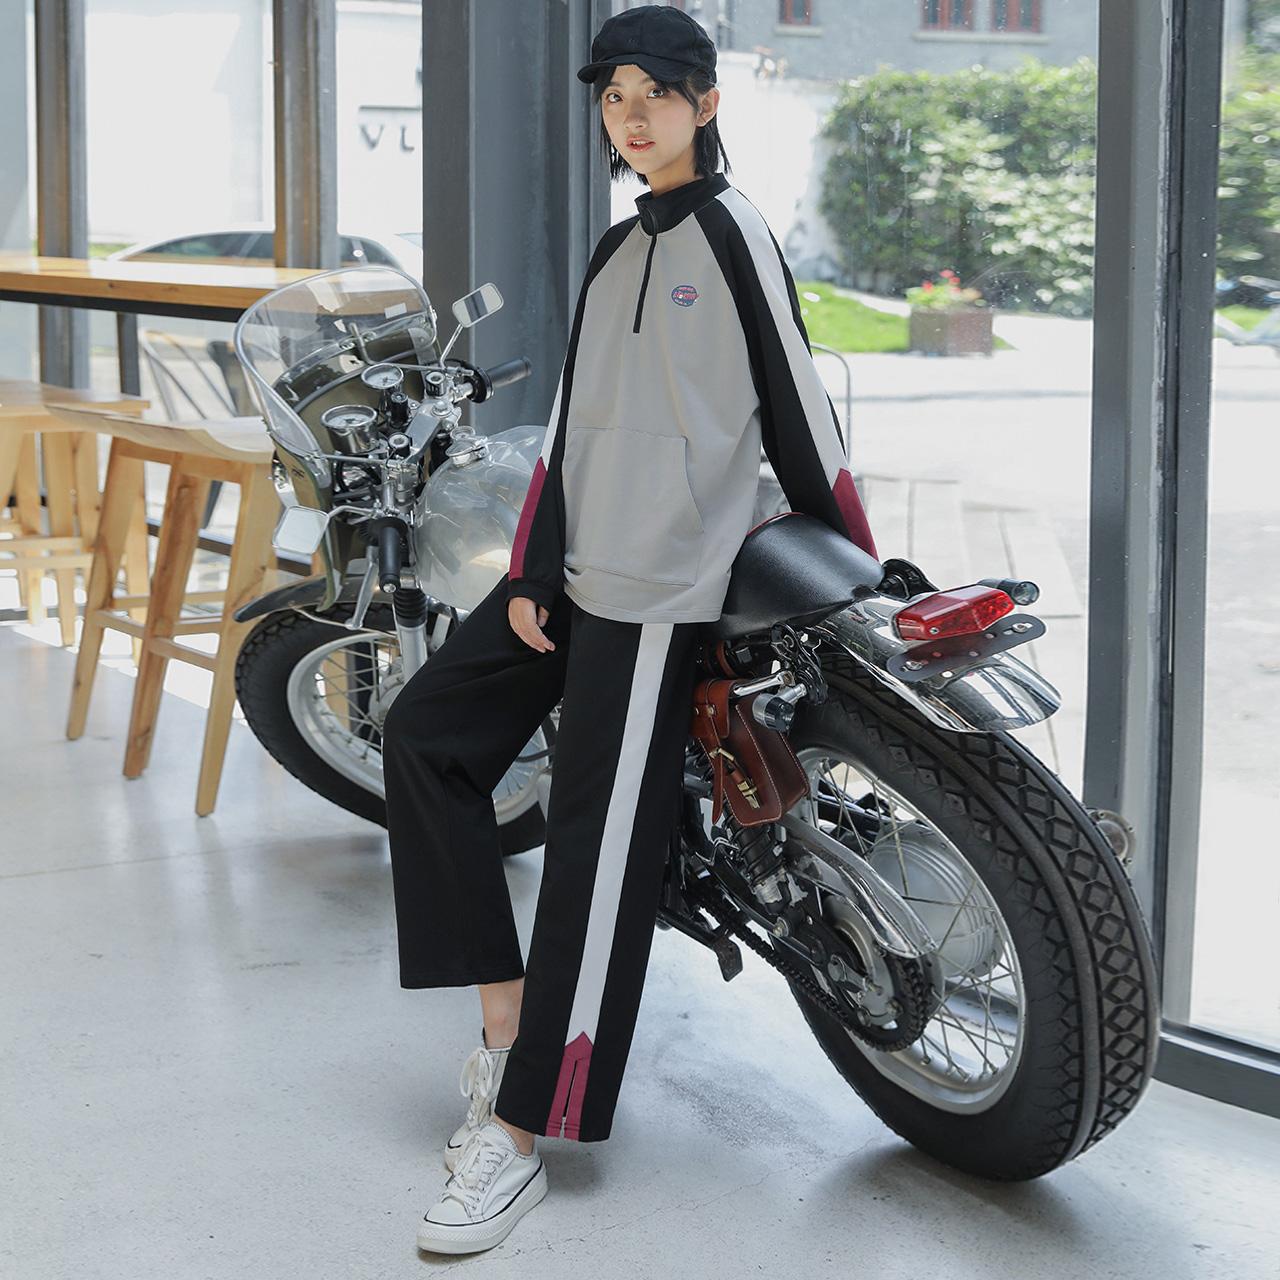 尔给卫衣运动服休闲套装女学生两件套2019新款春秋套装裤宽松韩版